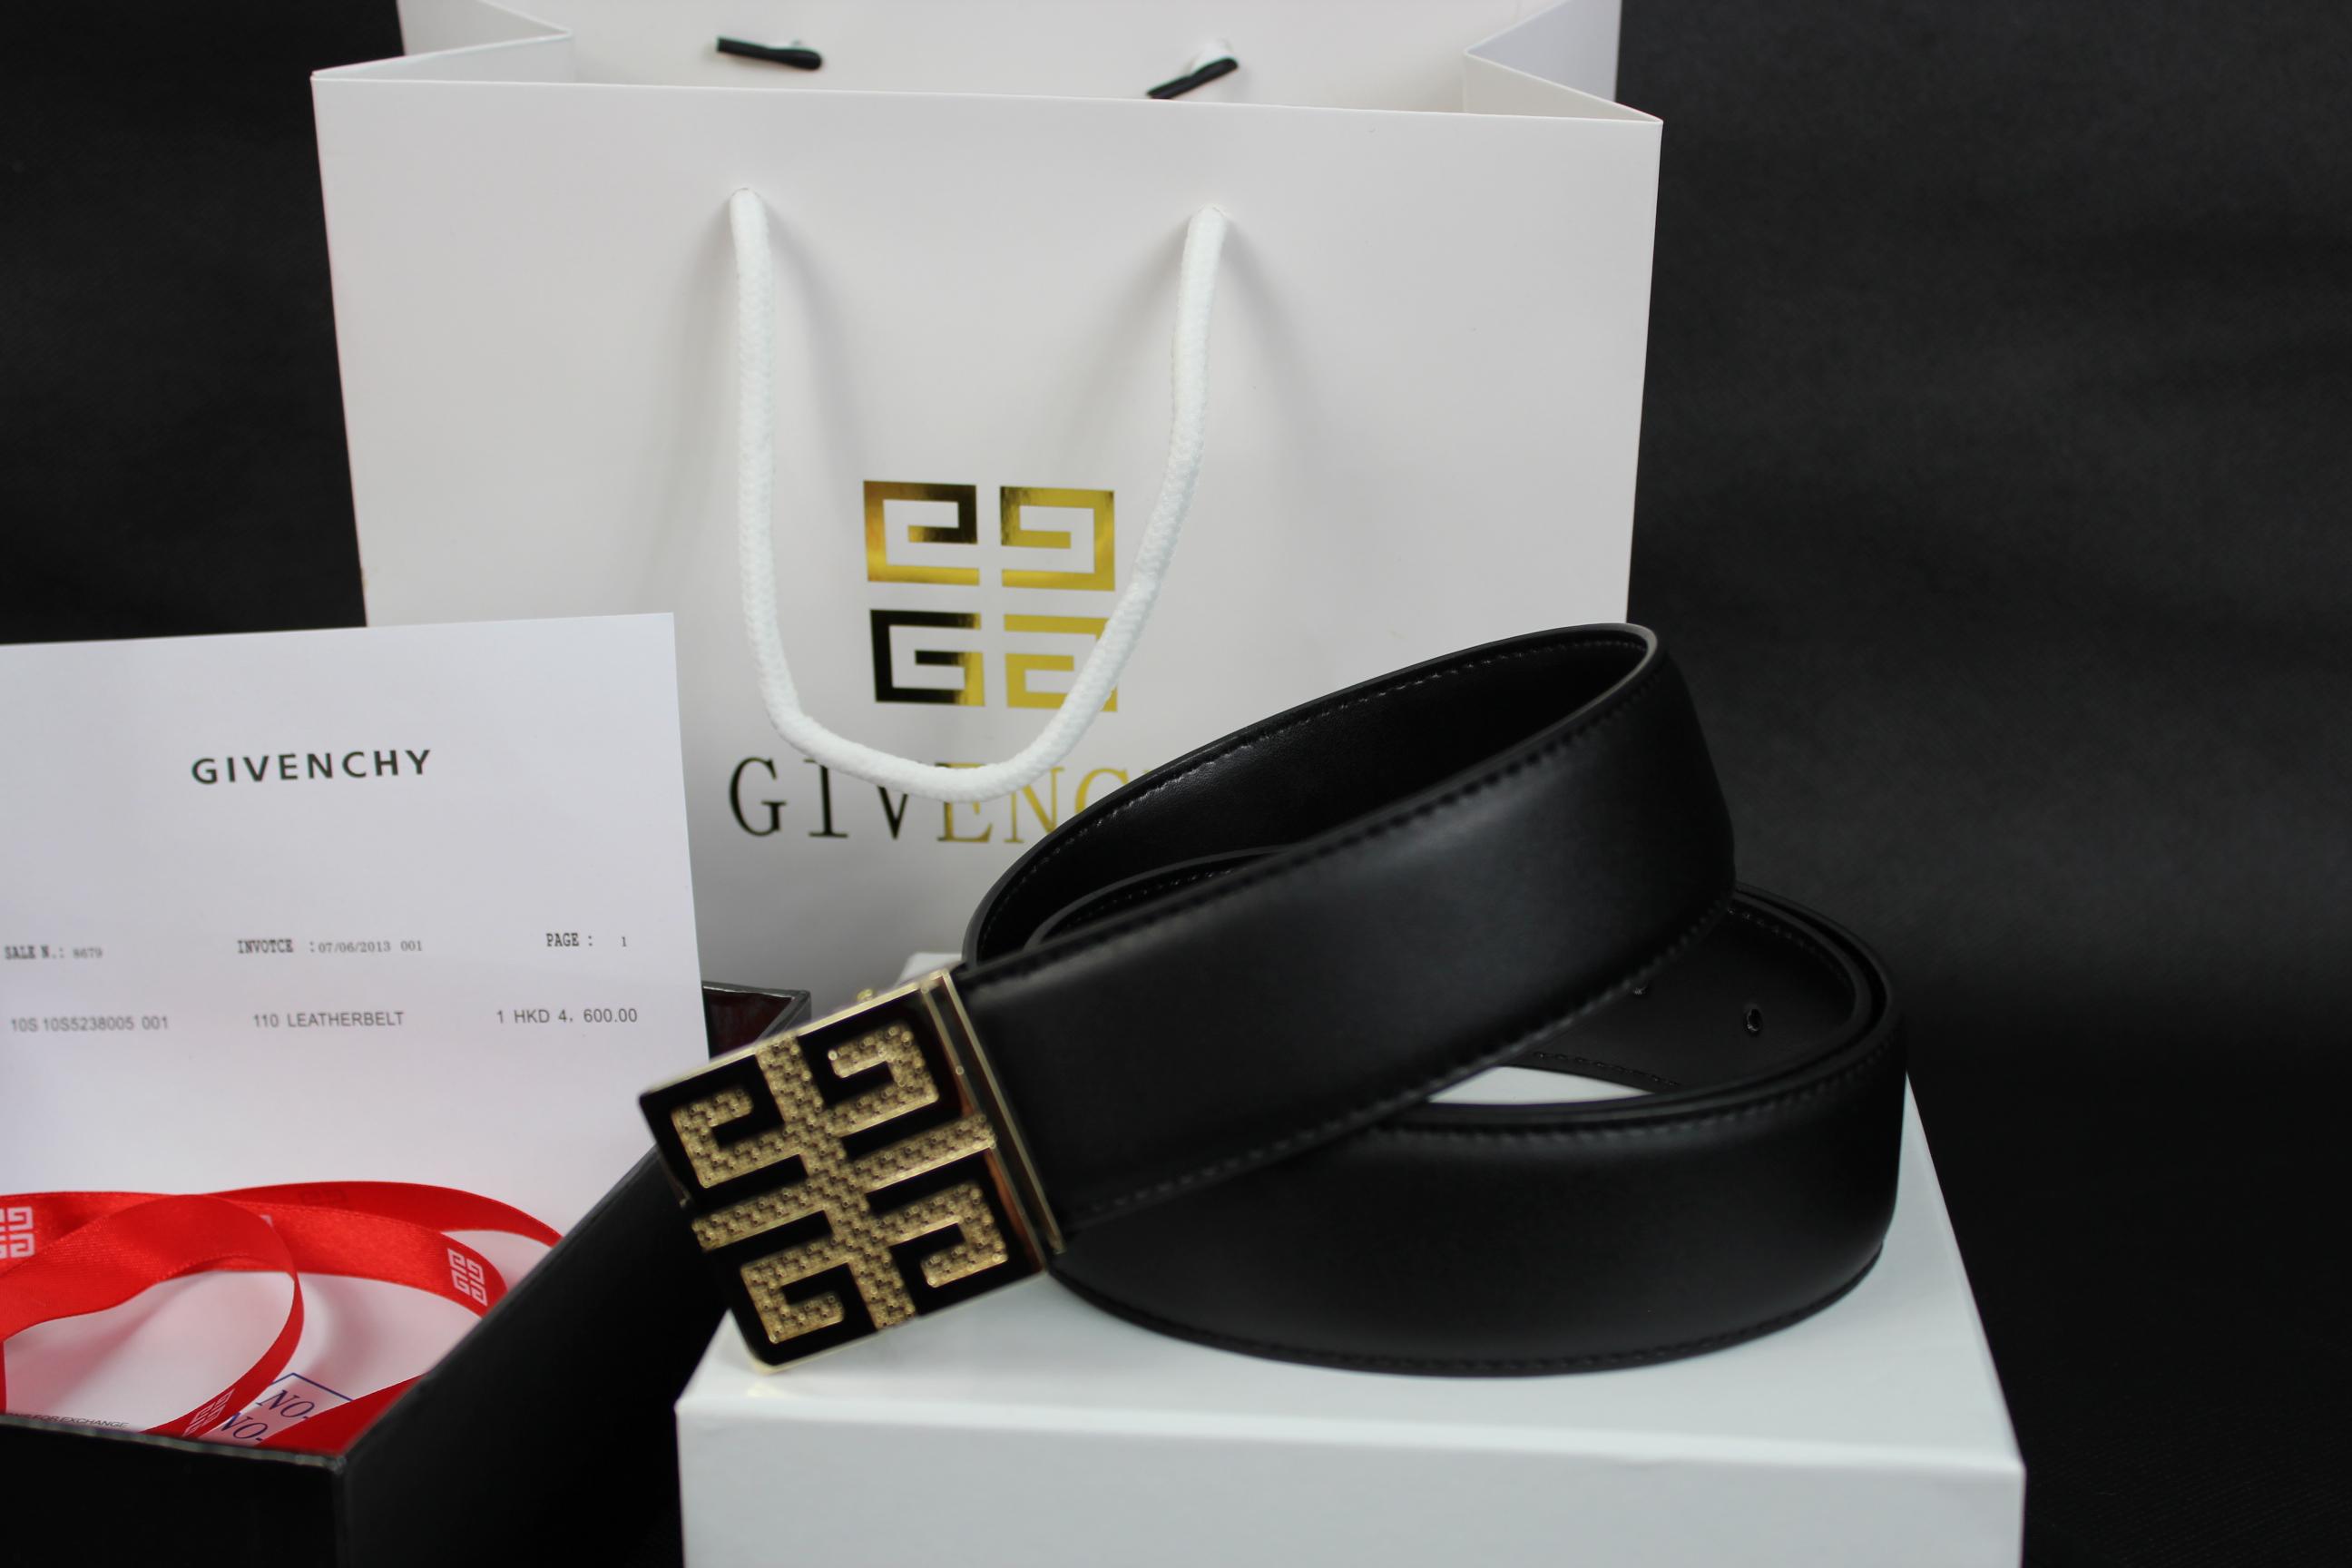 all designer belts 5vcz  28EUR, ceinture givenchy femme pas cher,ceinture givenchy nouvelle  collection